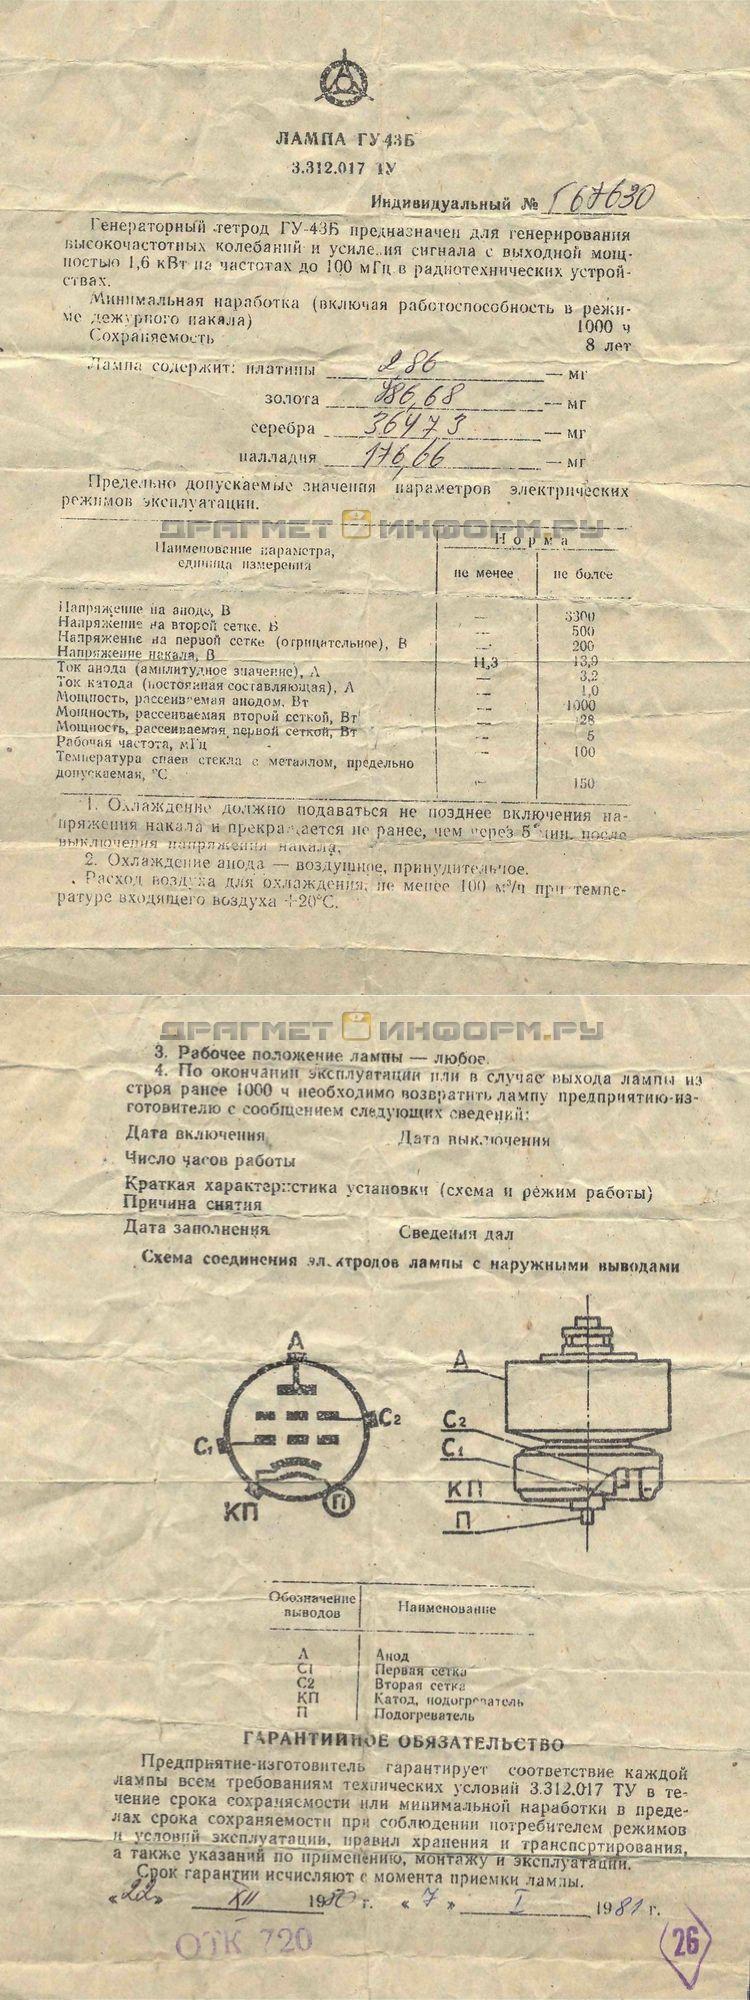 Формуляр ГУ-43Б